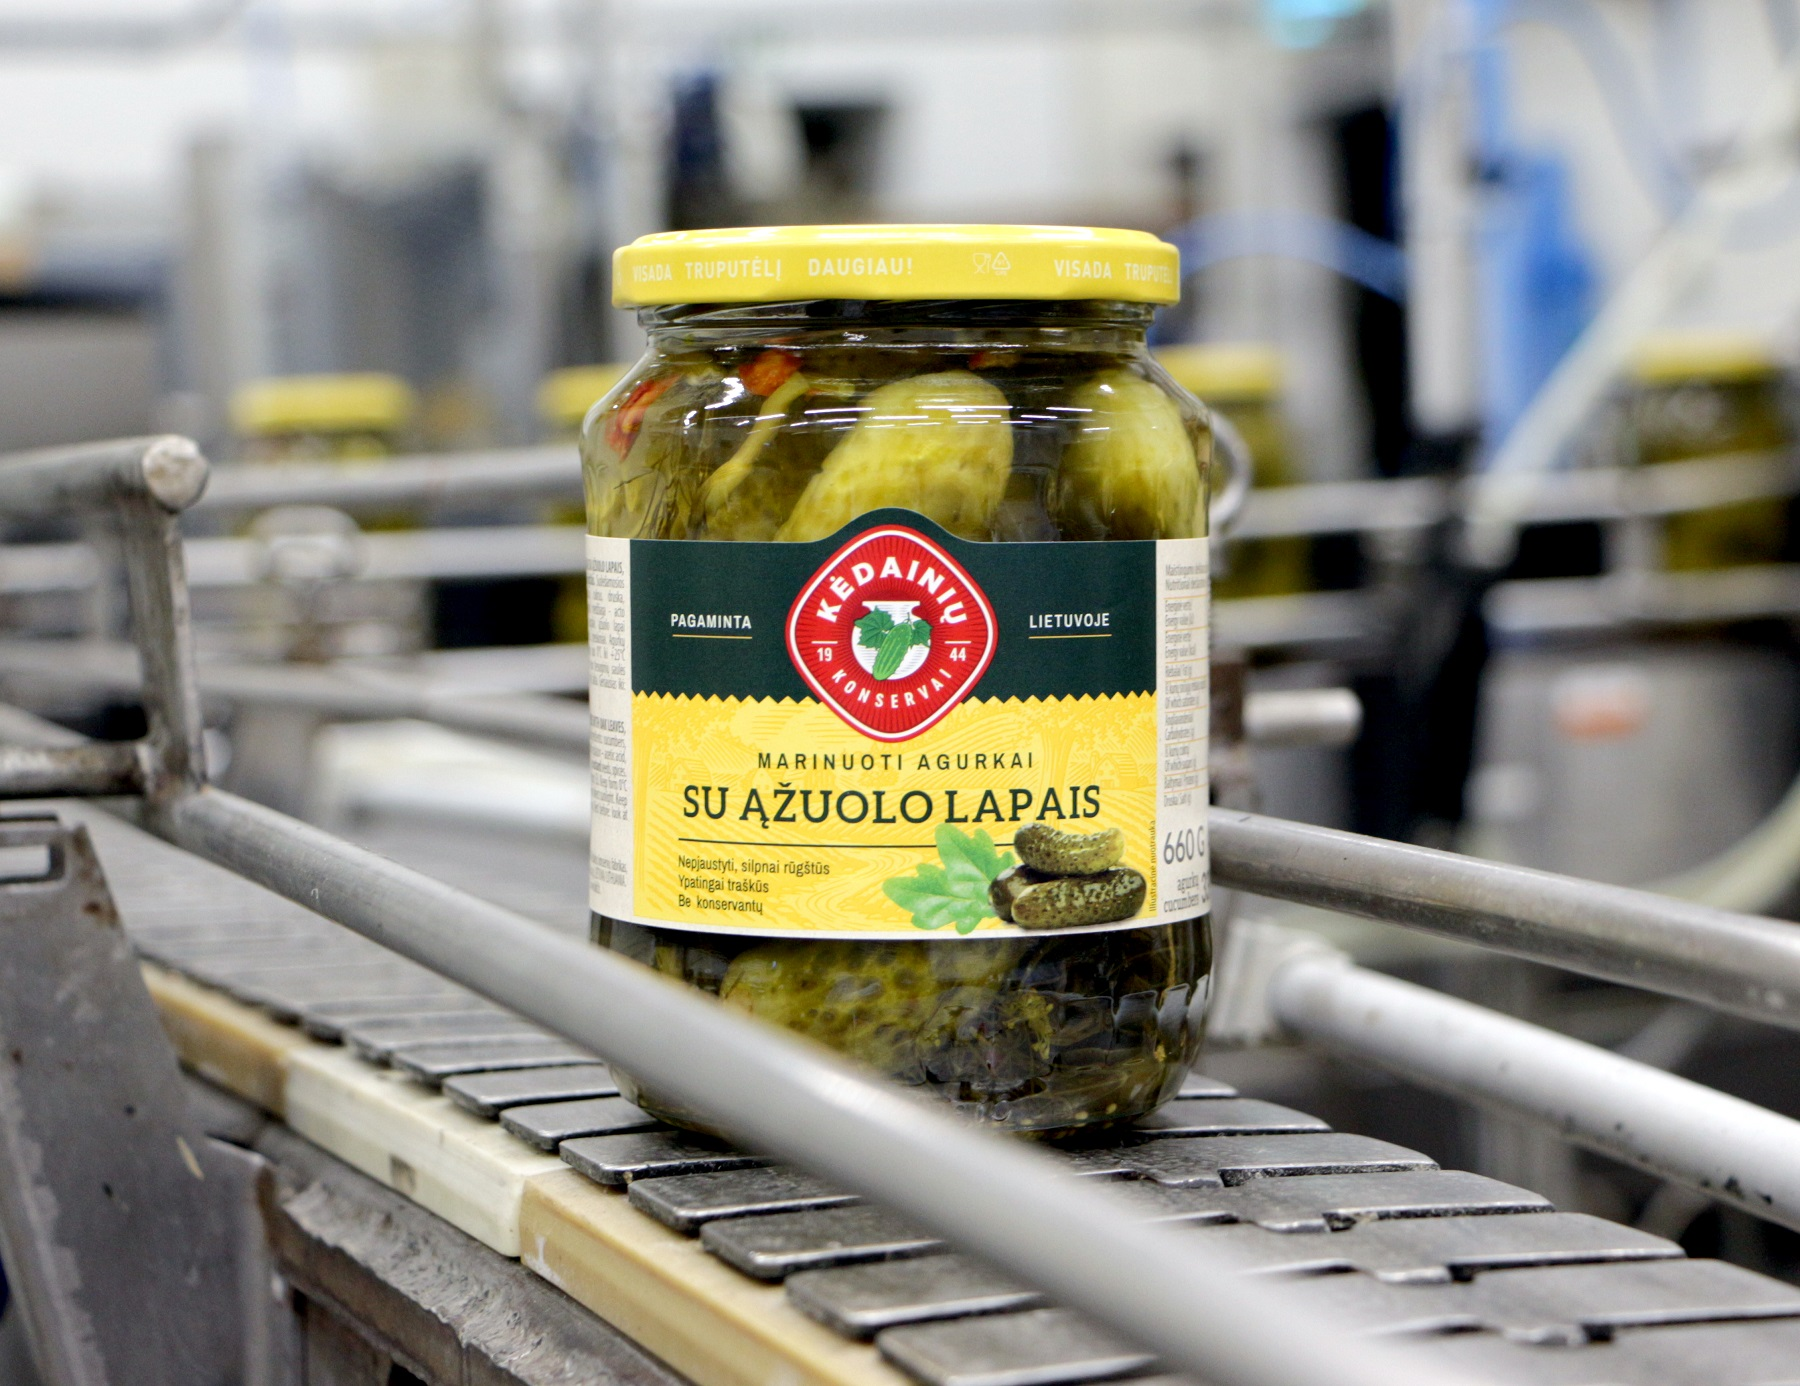 Pirkėjų ypač pamėgti marinuoti agurkėliai su ąžuolo lapais į prekybos vietų lentynas keliaus su naujomis etiketėmis.